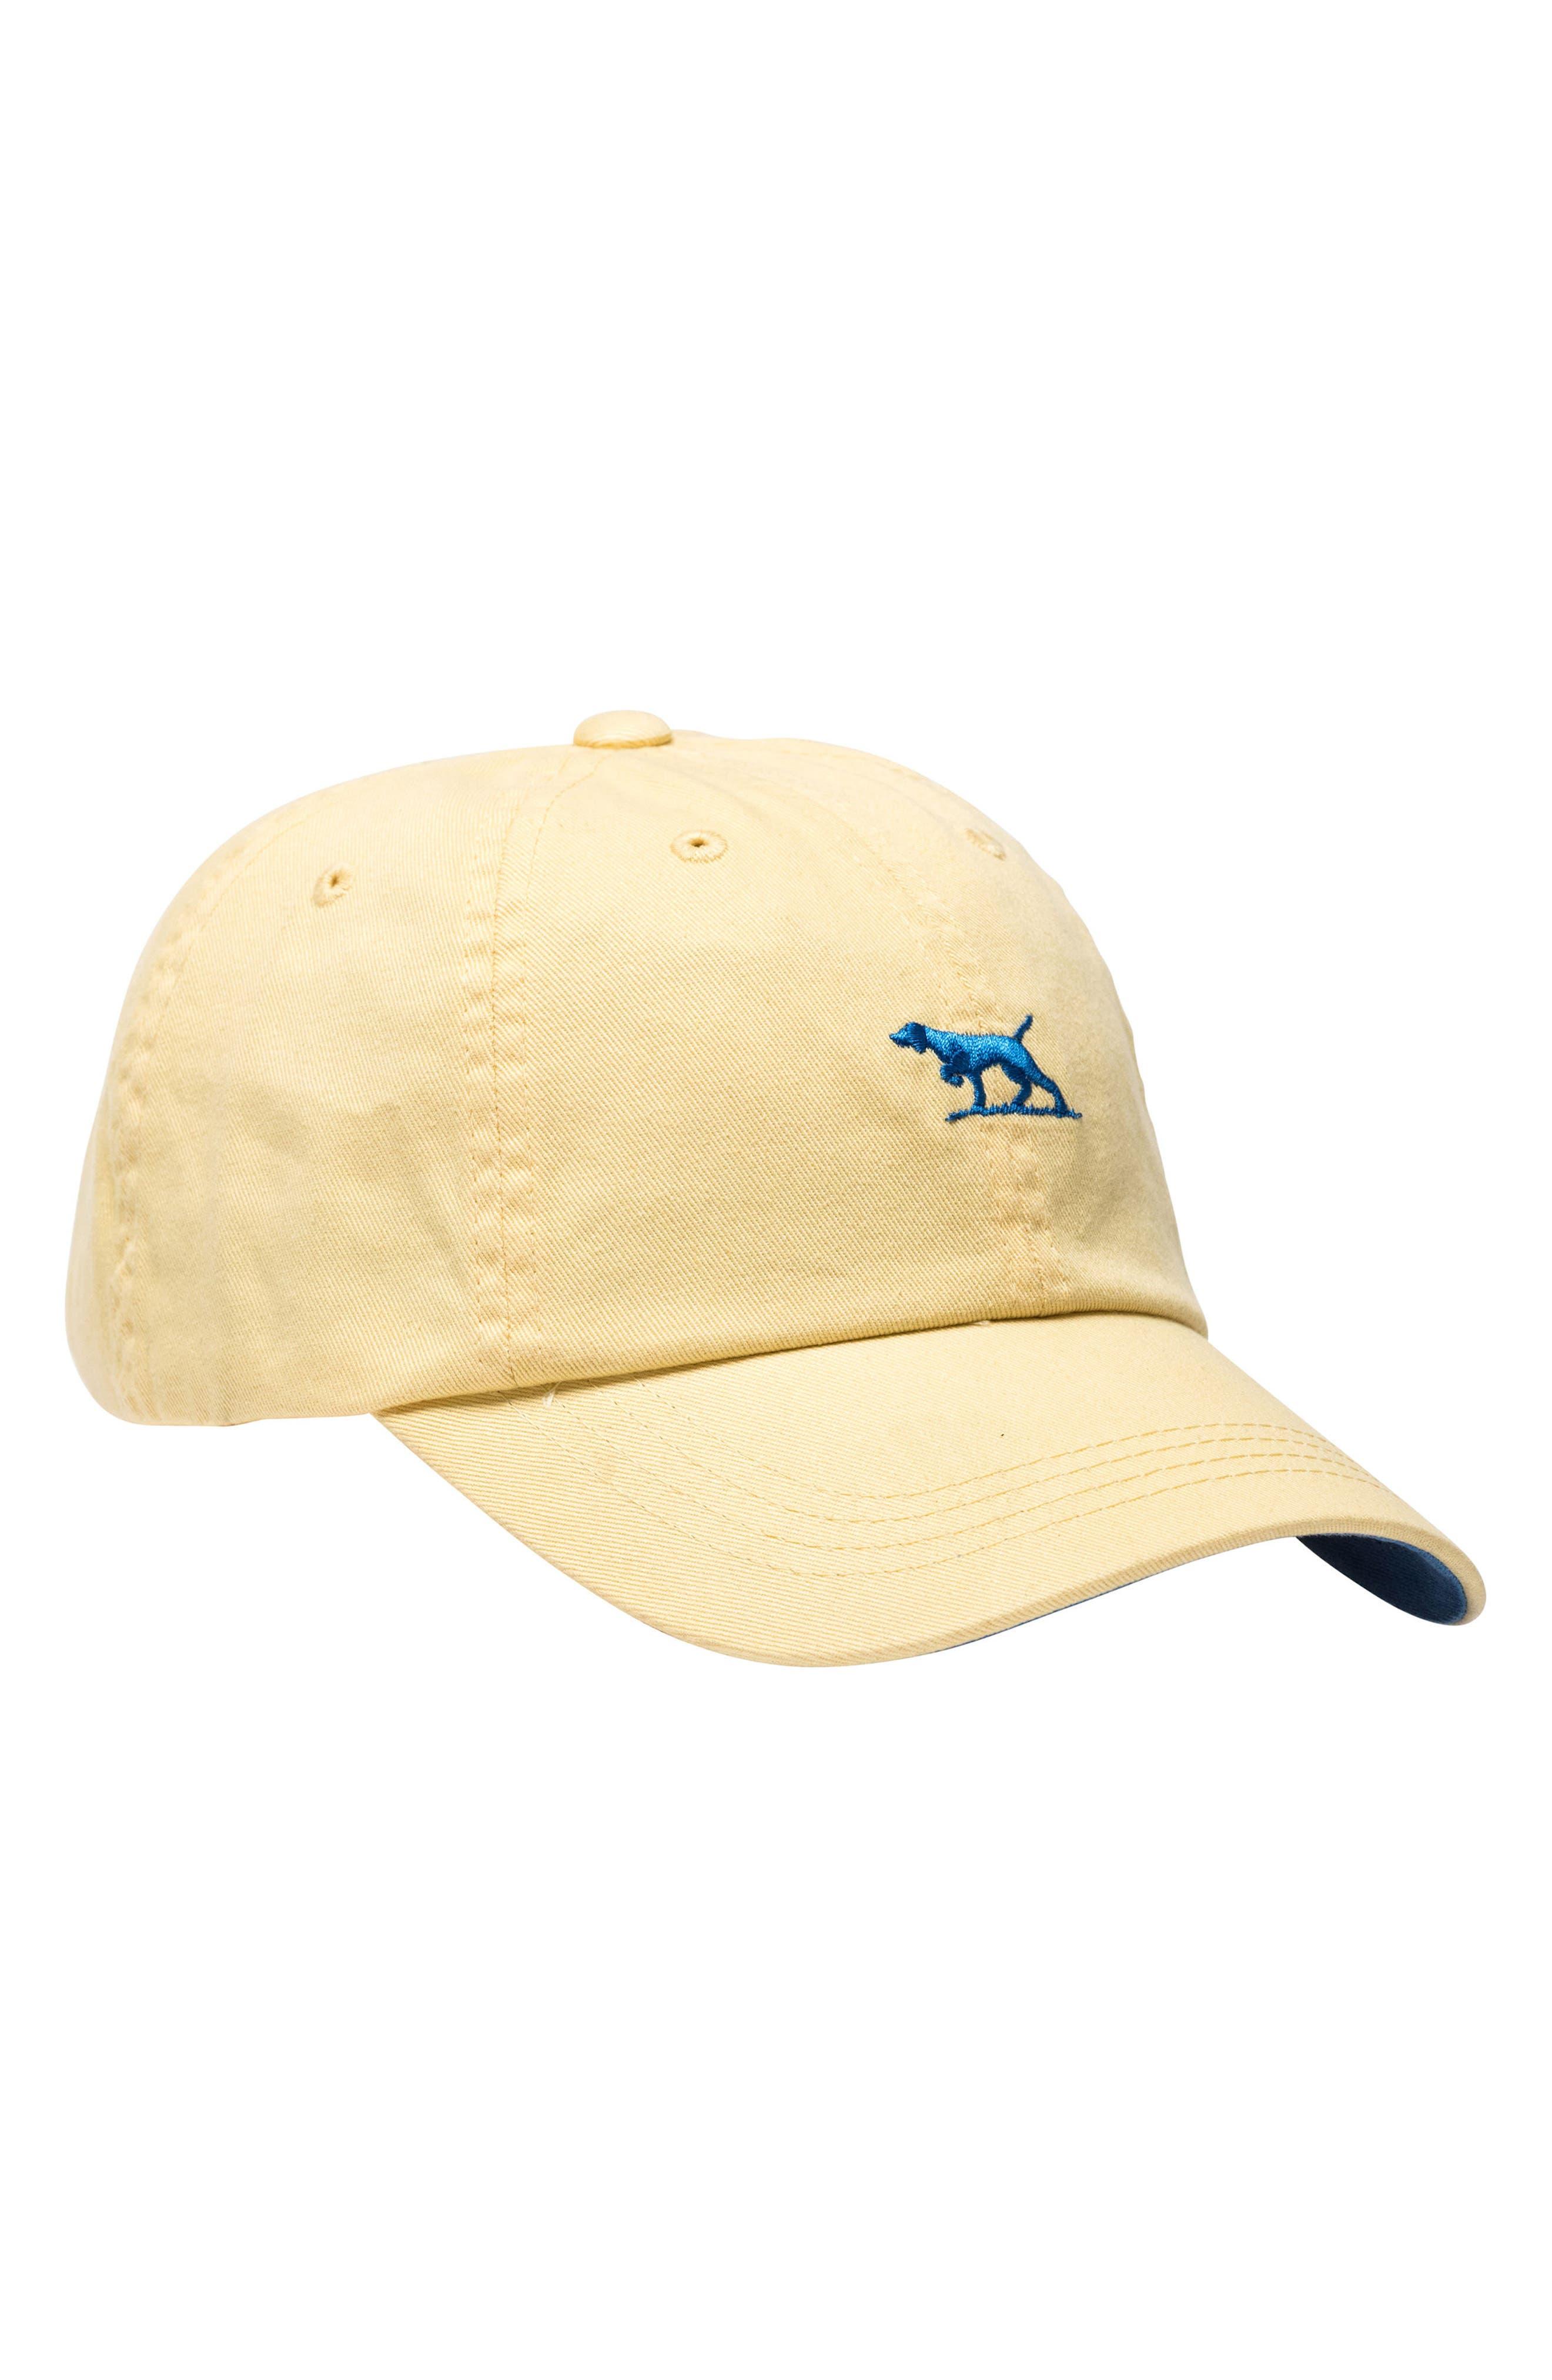 Rodd & Gunn Ball Cap